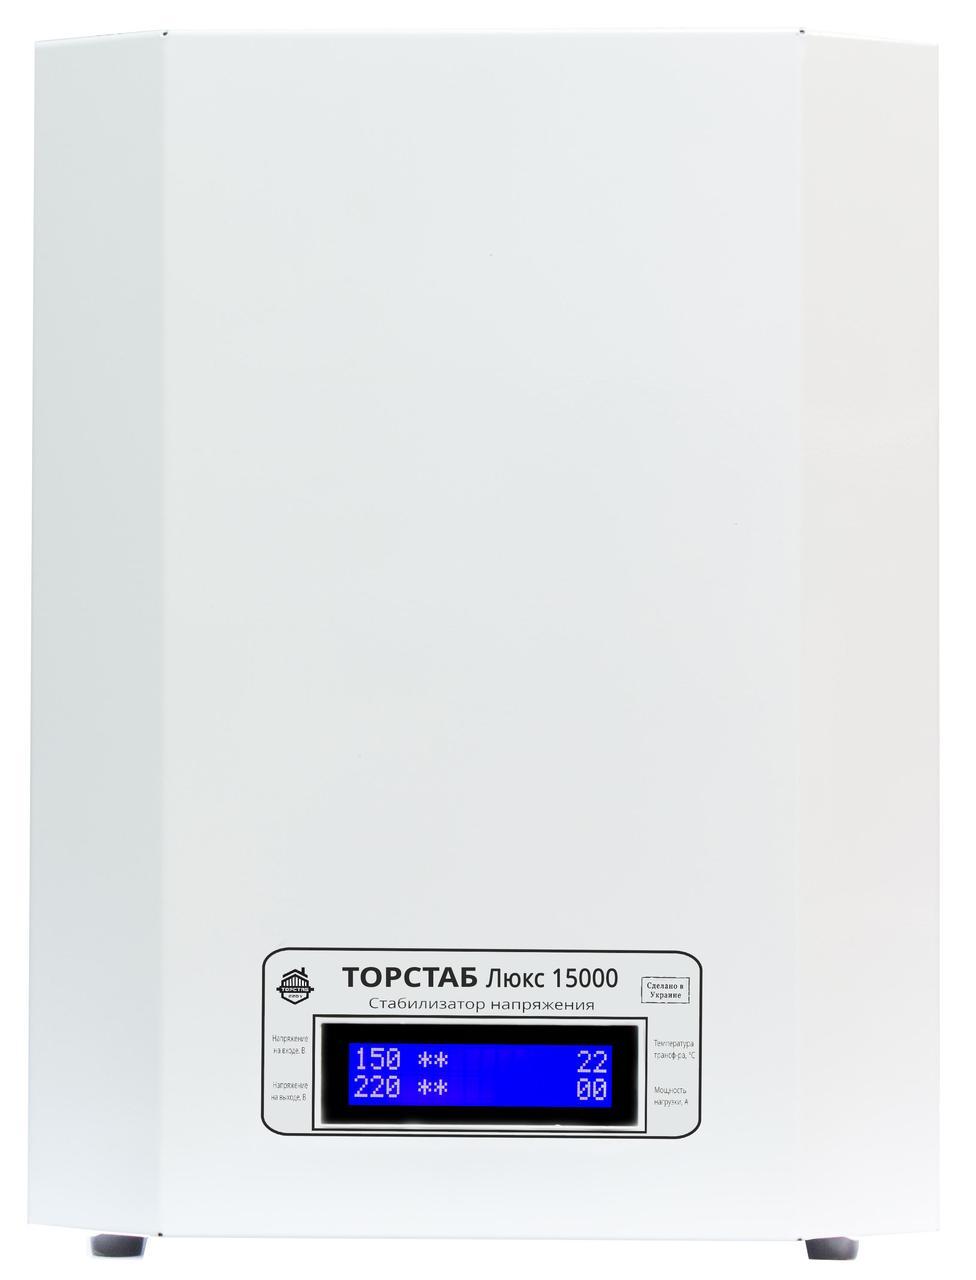 Торстаб ЛЮКС 15000 - стабилизатор для дома, квартиры, офиса, дачи, симисторный